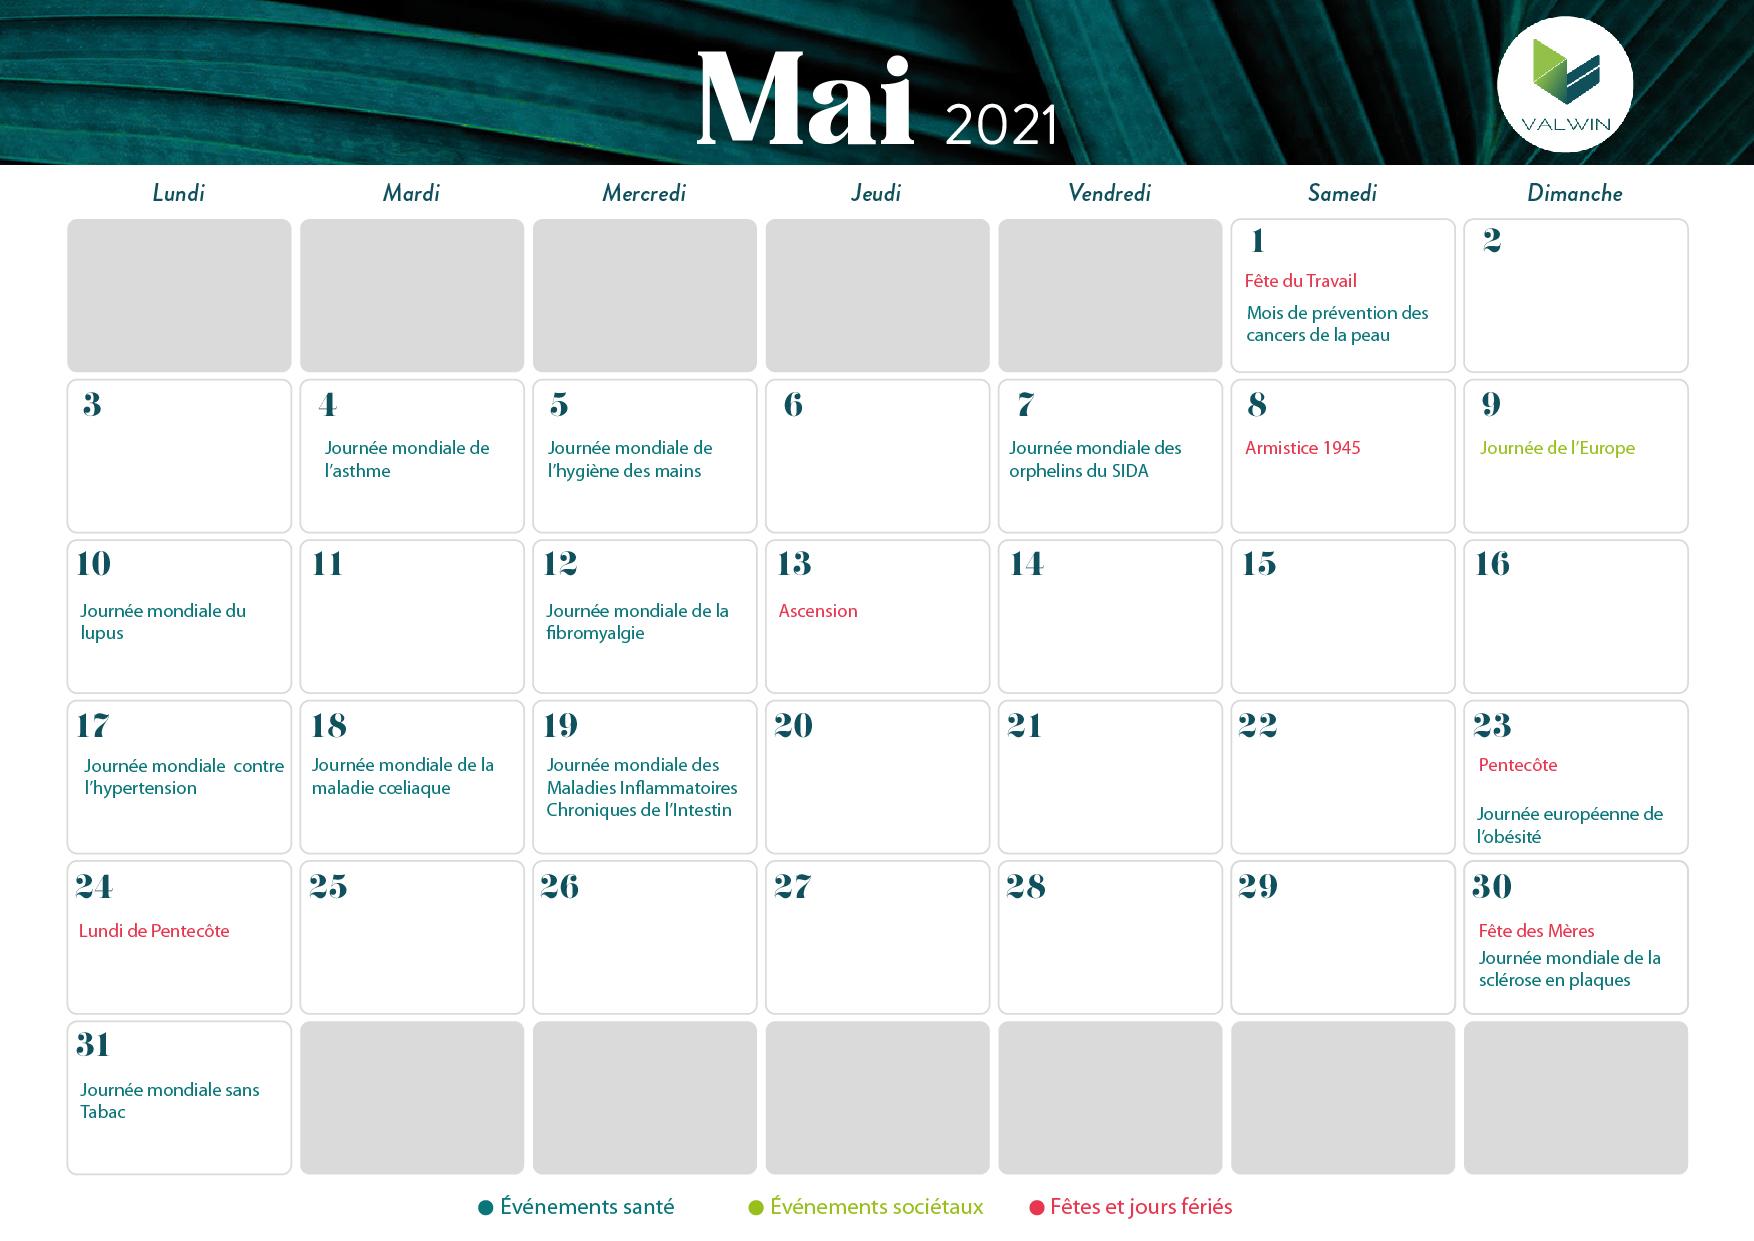 liste-toutes-les-journées-mondiales-de-Santé-mai-2021.jpg